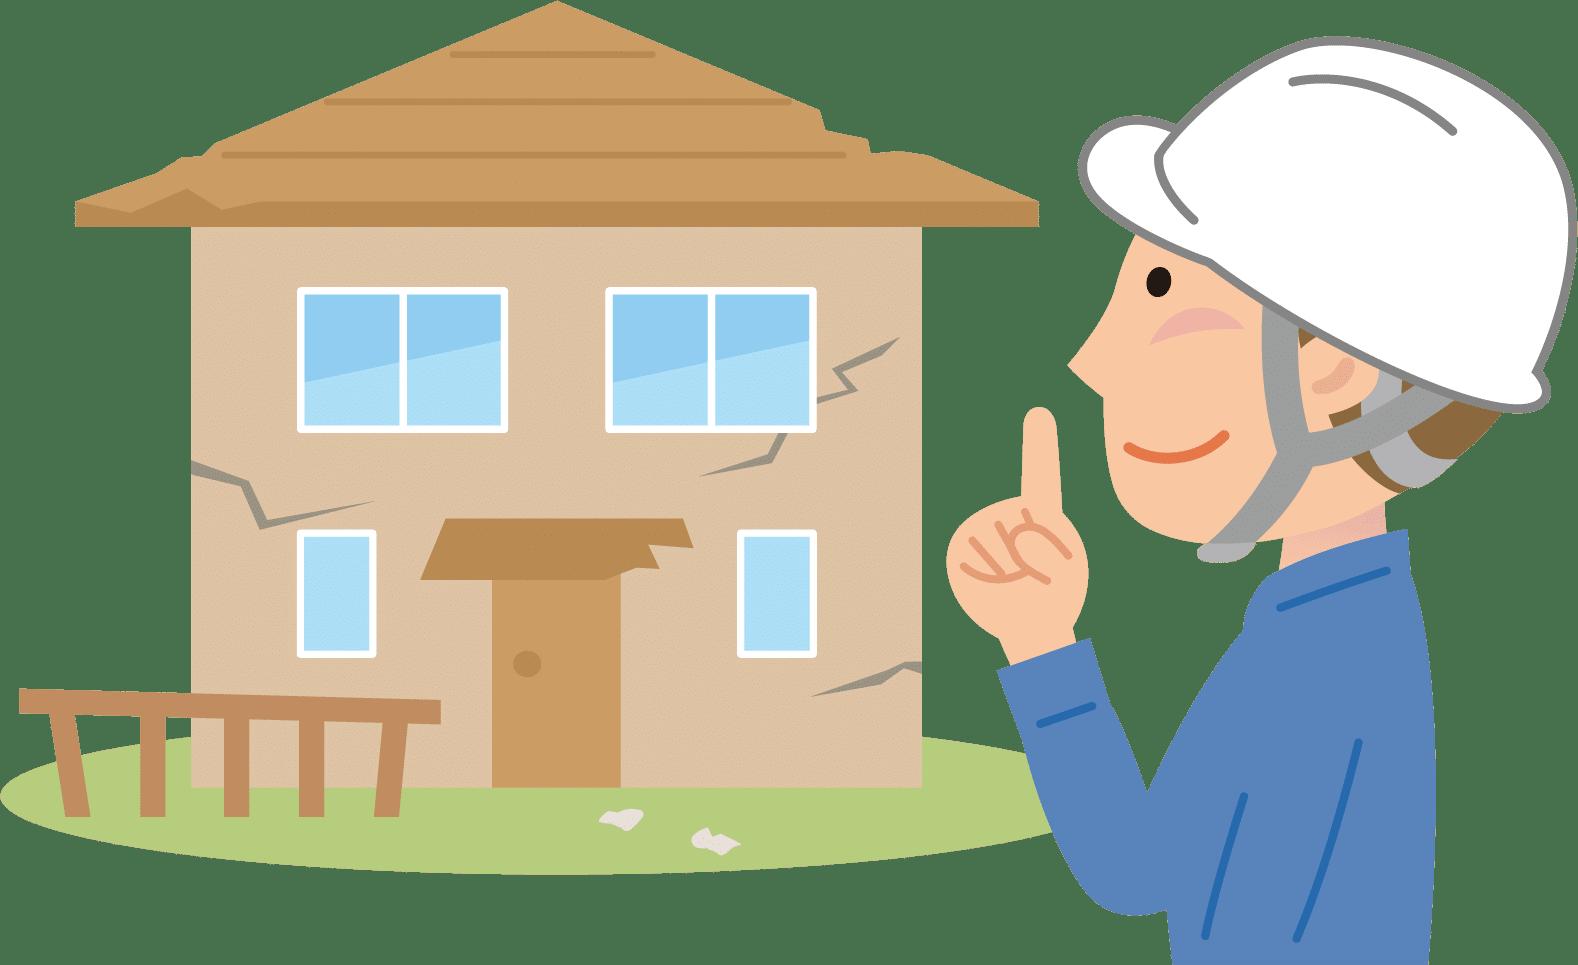 中古住宅の購入で失敗しないための注意点